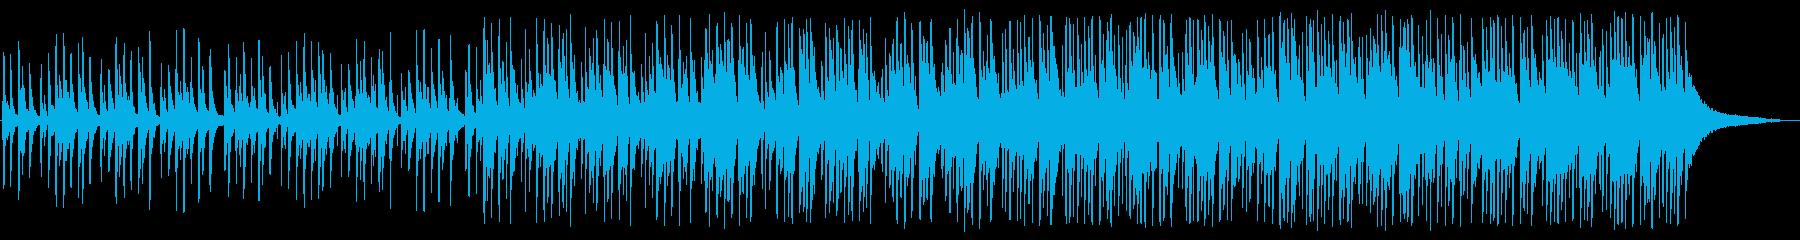 動画 楽しげ お洒落 ハイテク ア...の再生済みの波形